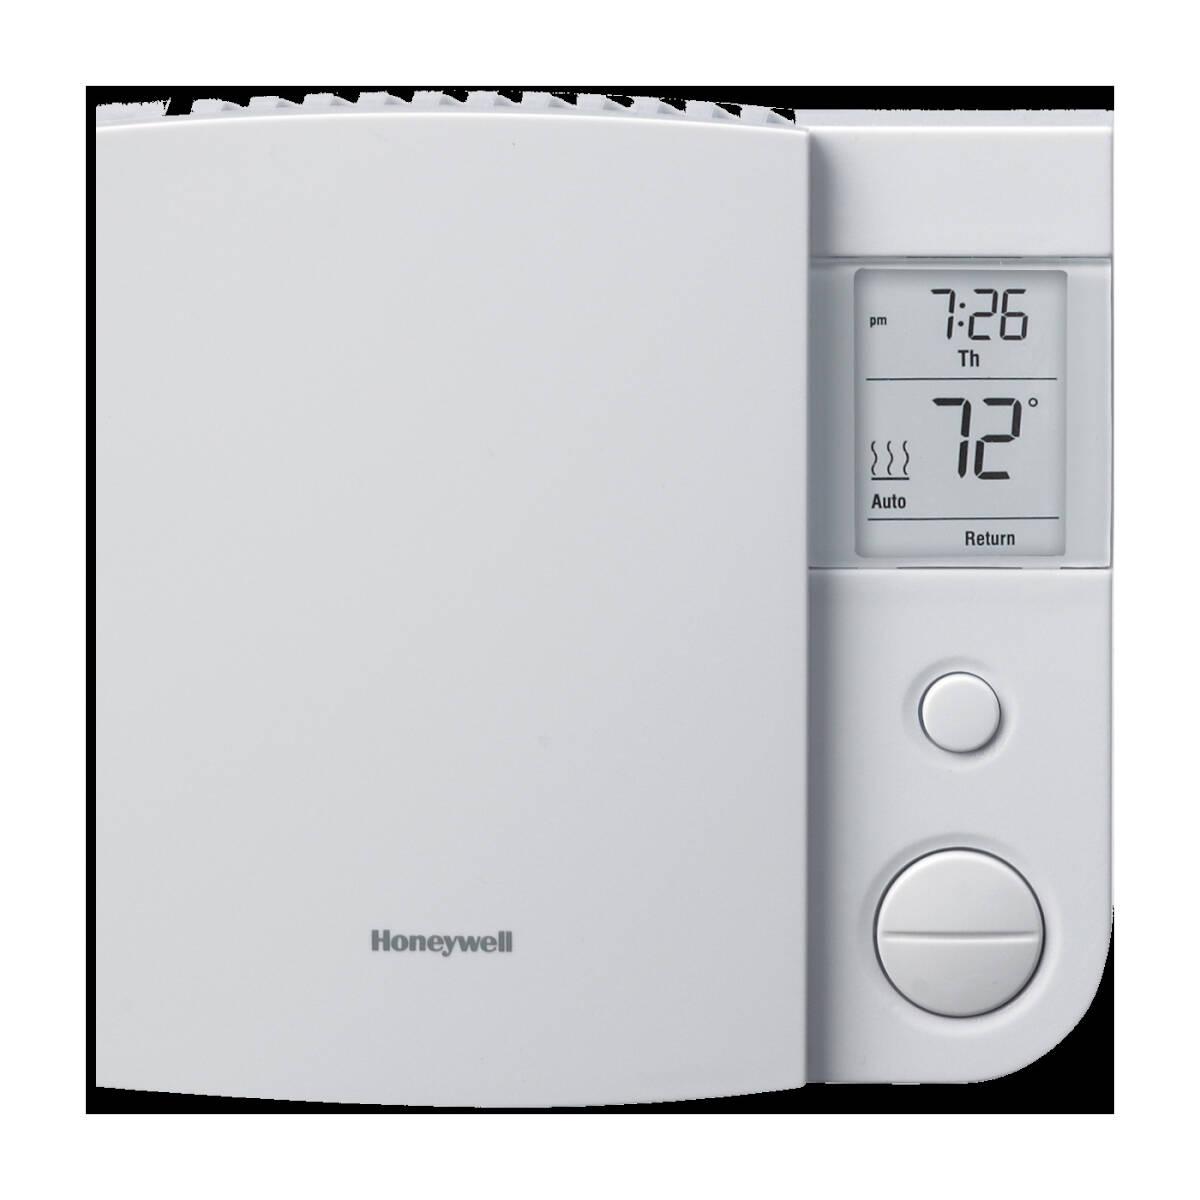 Honeywell RLV4305A1000/E